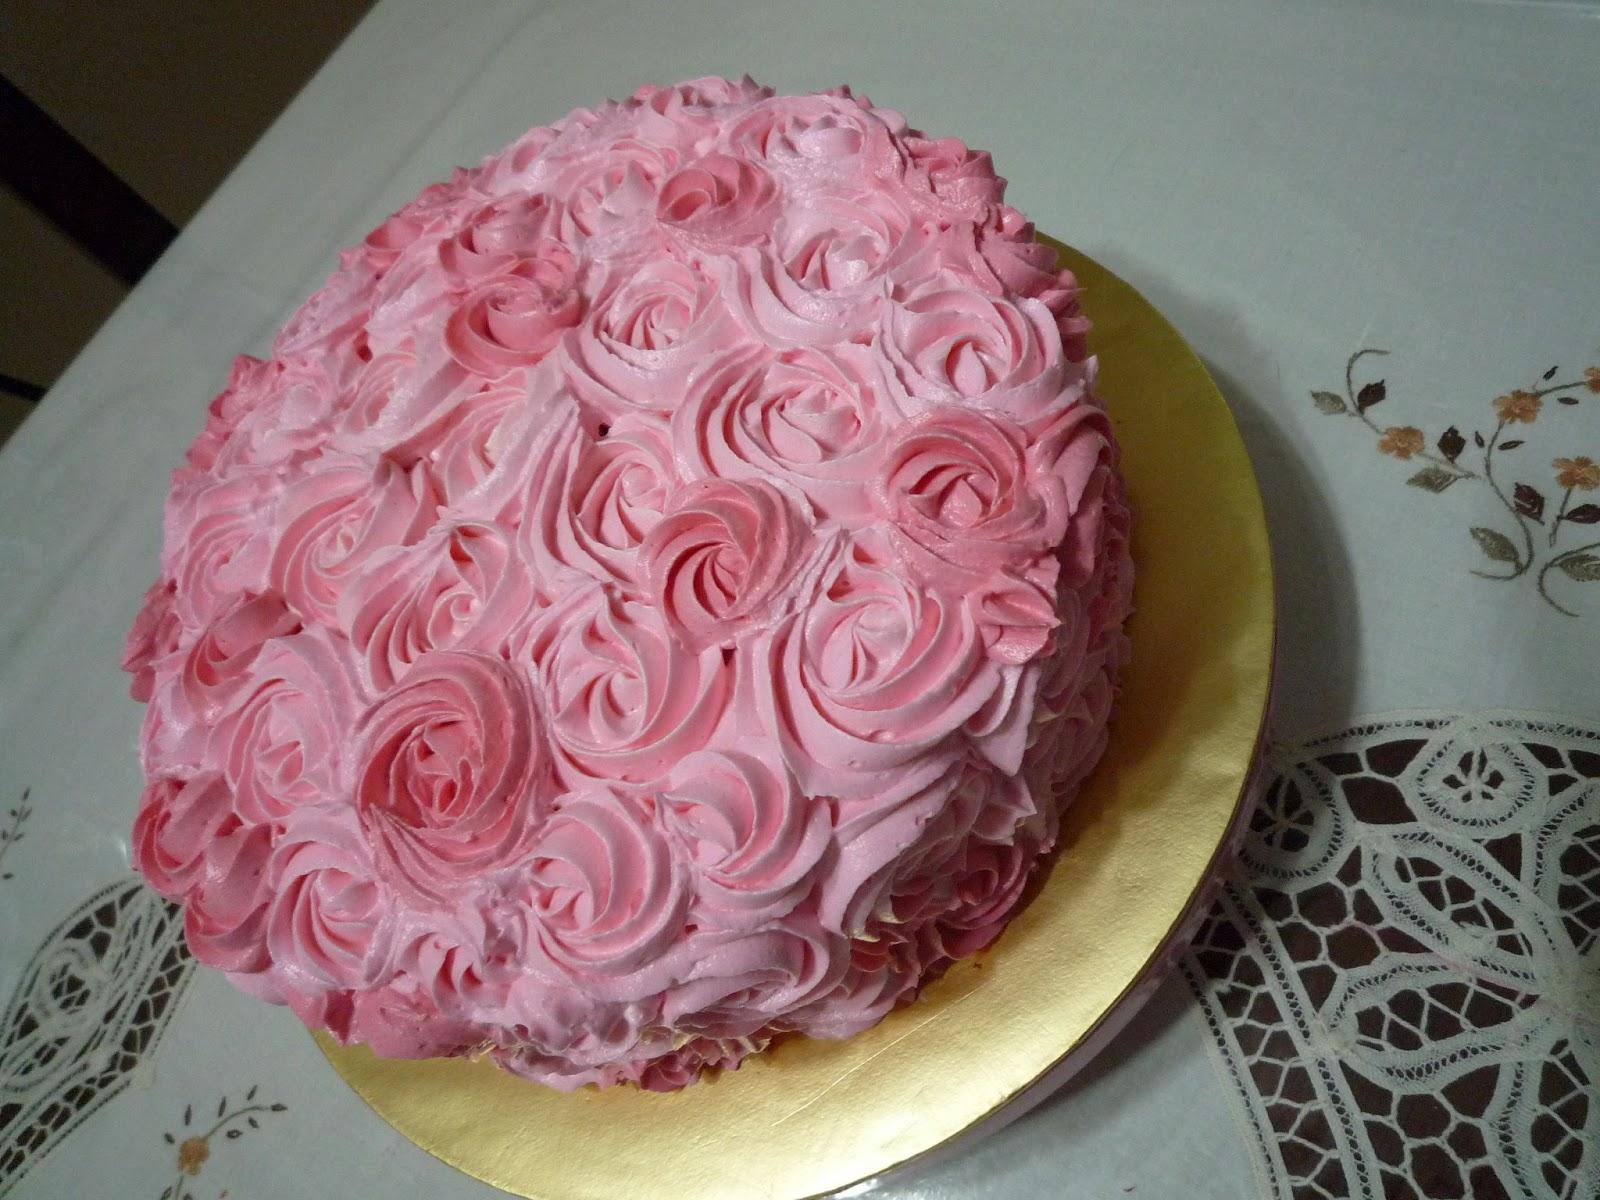 Gg Home Biz Cakes Wedding Cakes Ms Rose Red Velvet Birthday Cake